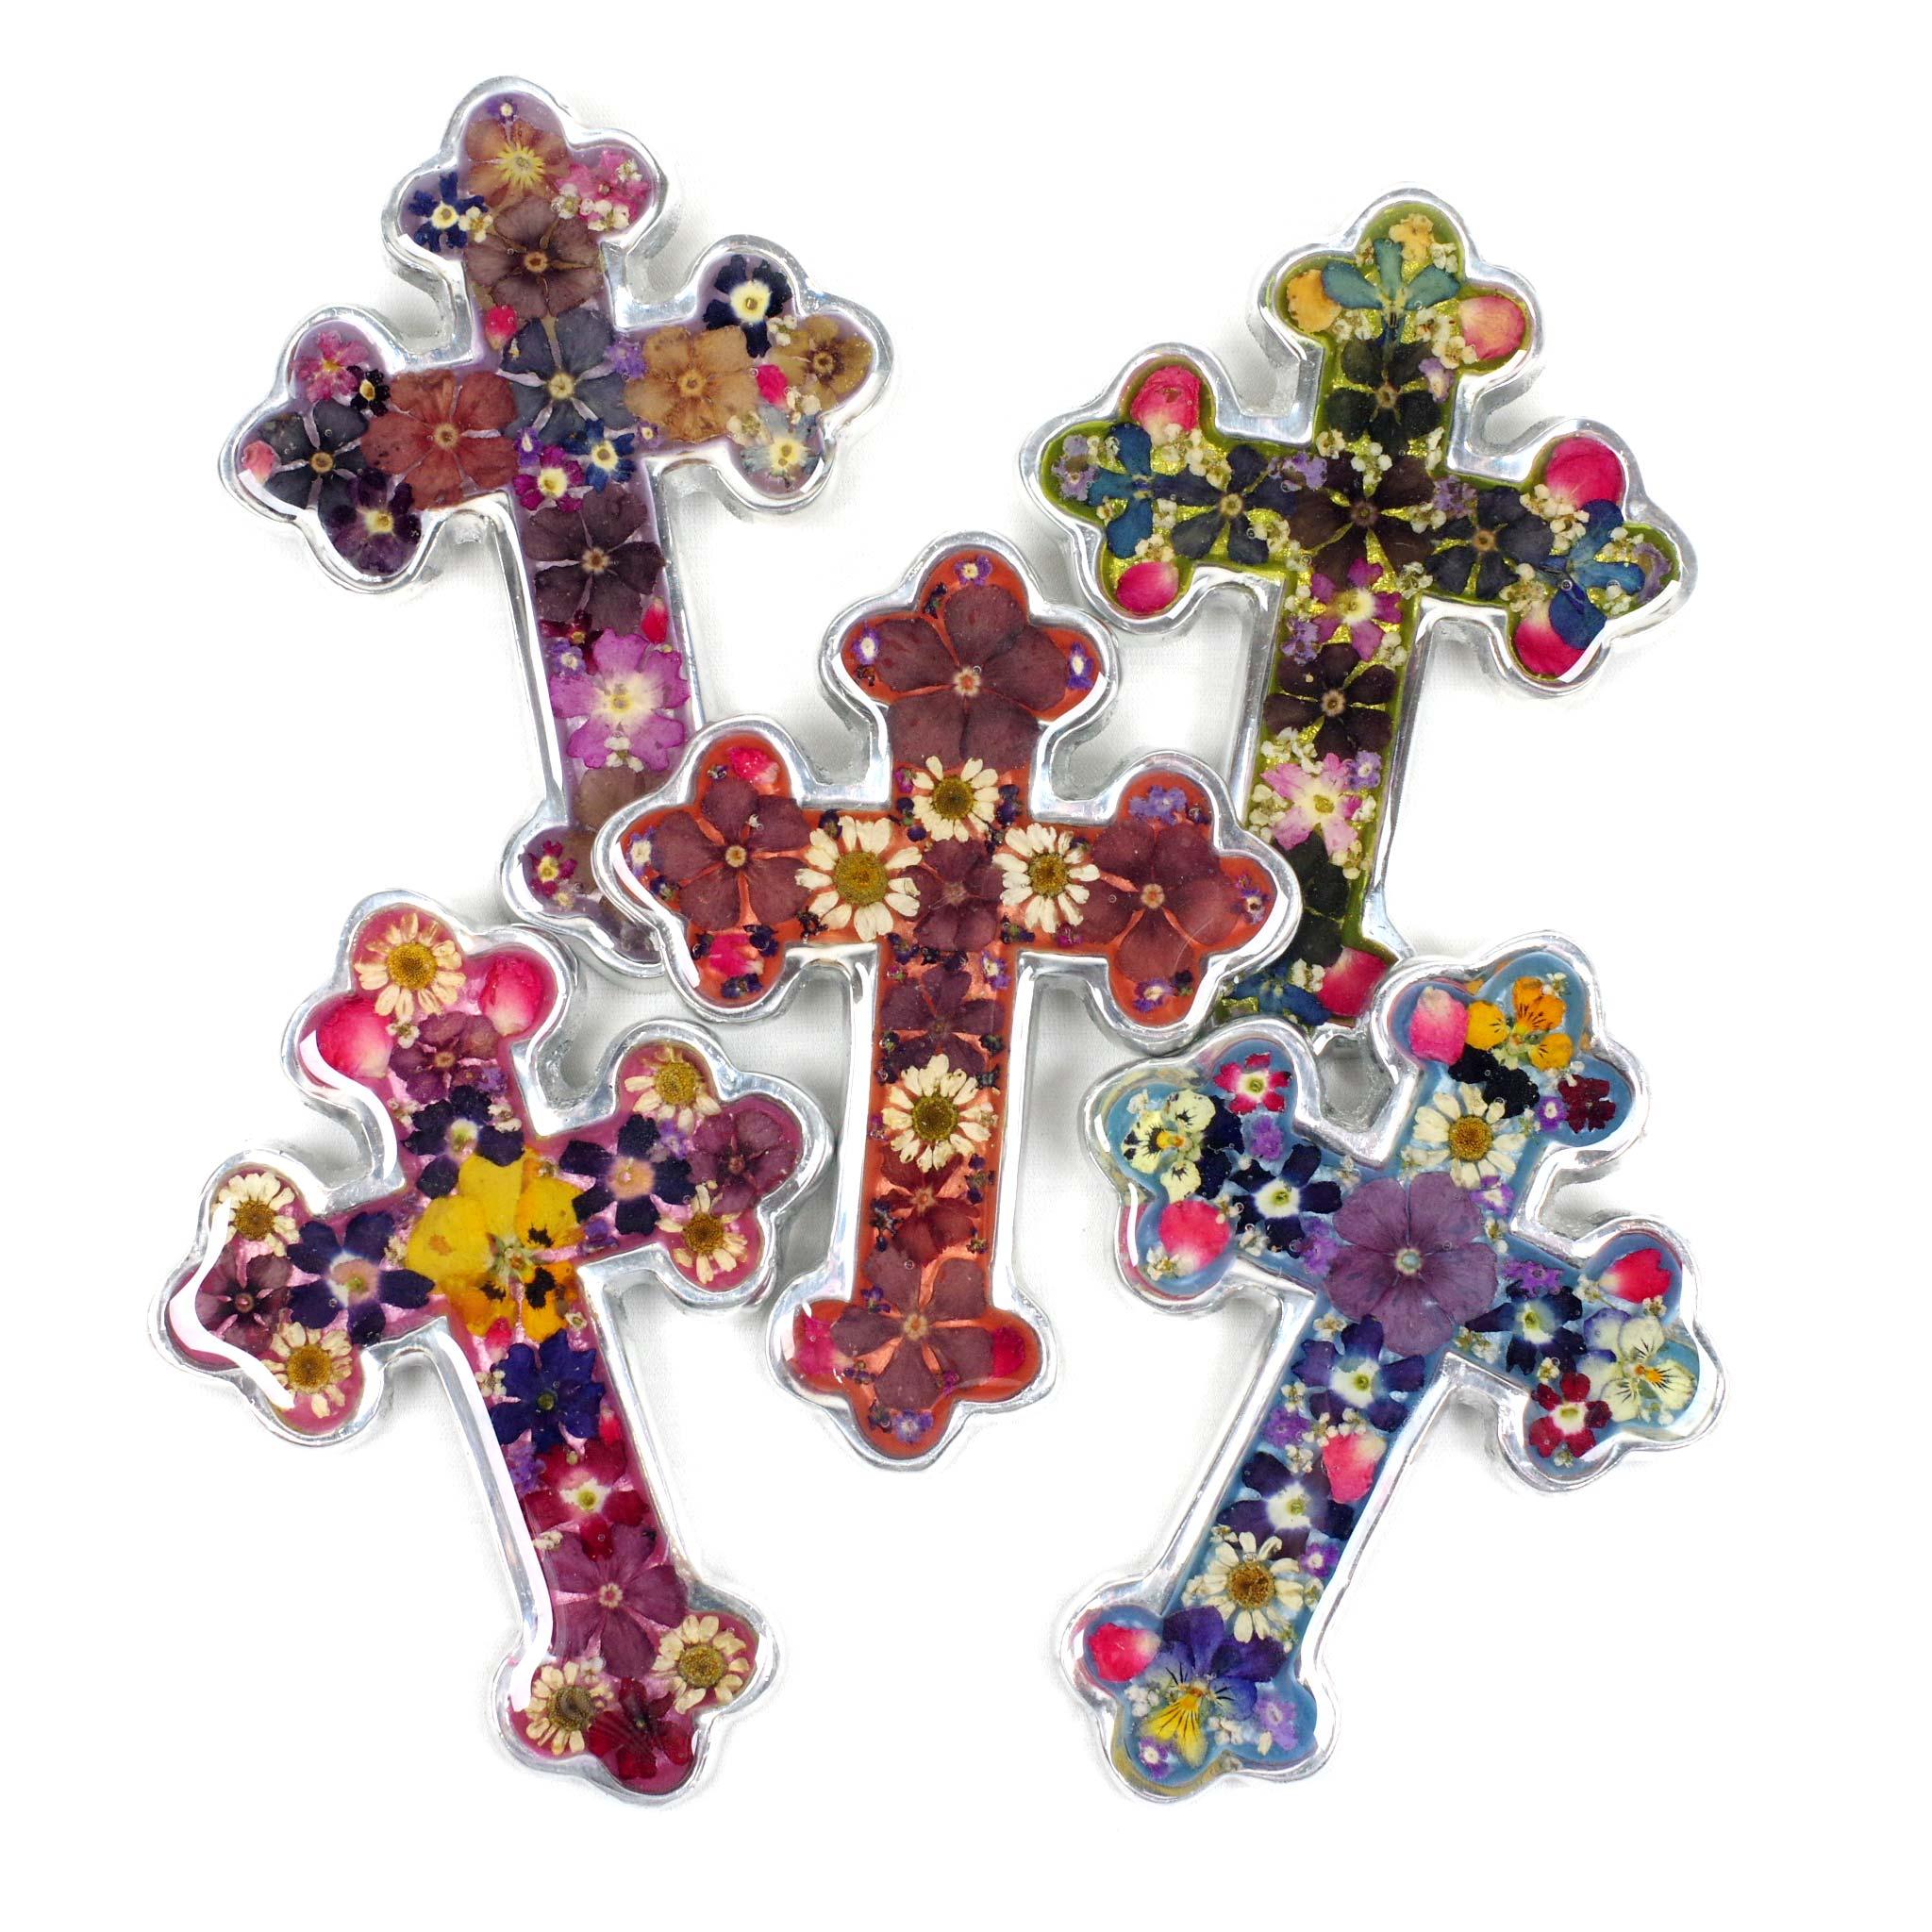 """""""クロス,十字架,壁掛け,壁飾り,生花,花,押し花,フラワー,ピューター,メキシカンピューター,インテリア,メキシコ,メキシコ雑貨,メキシコ雑貨PAD"""